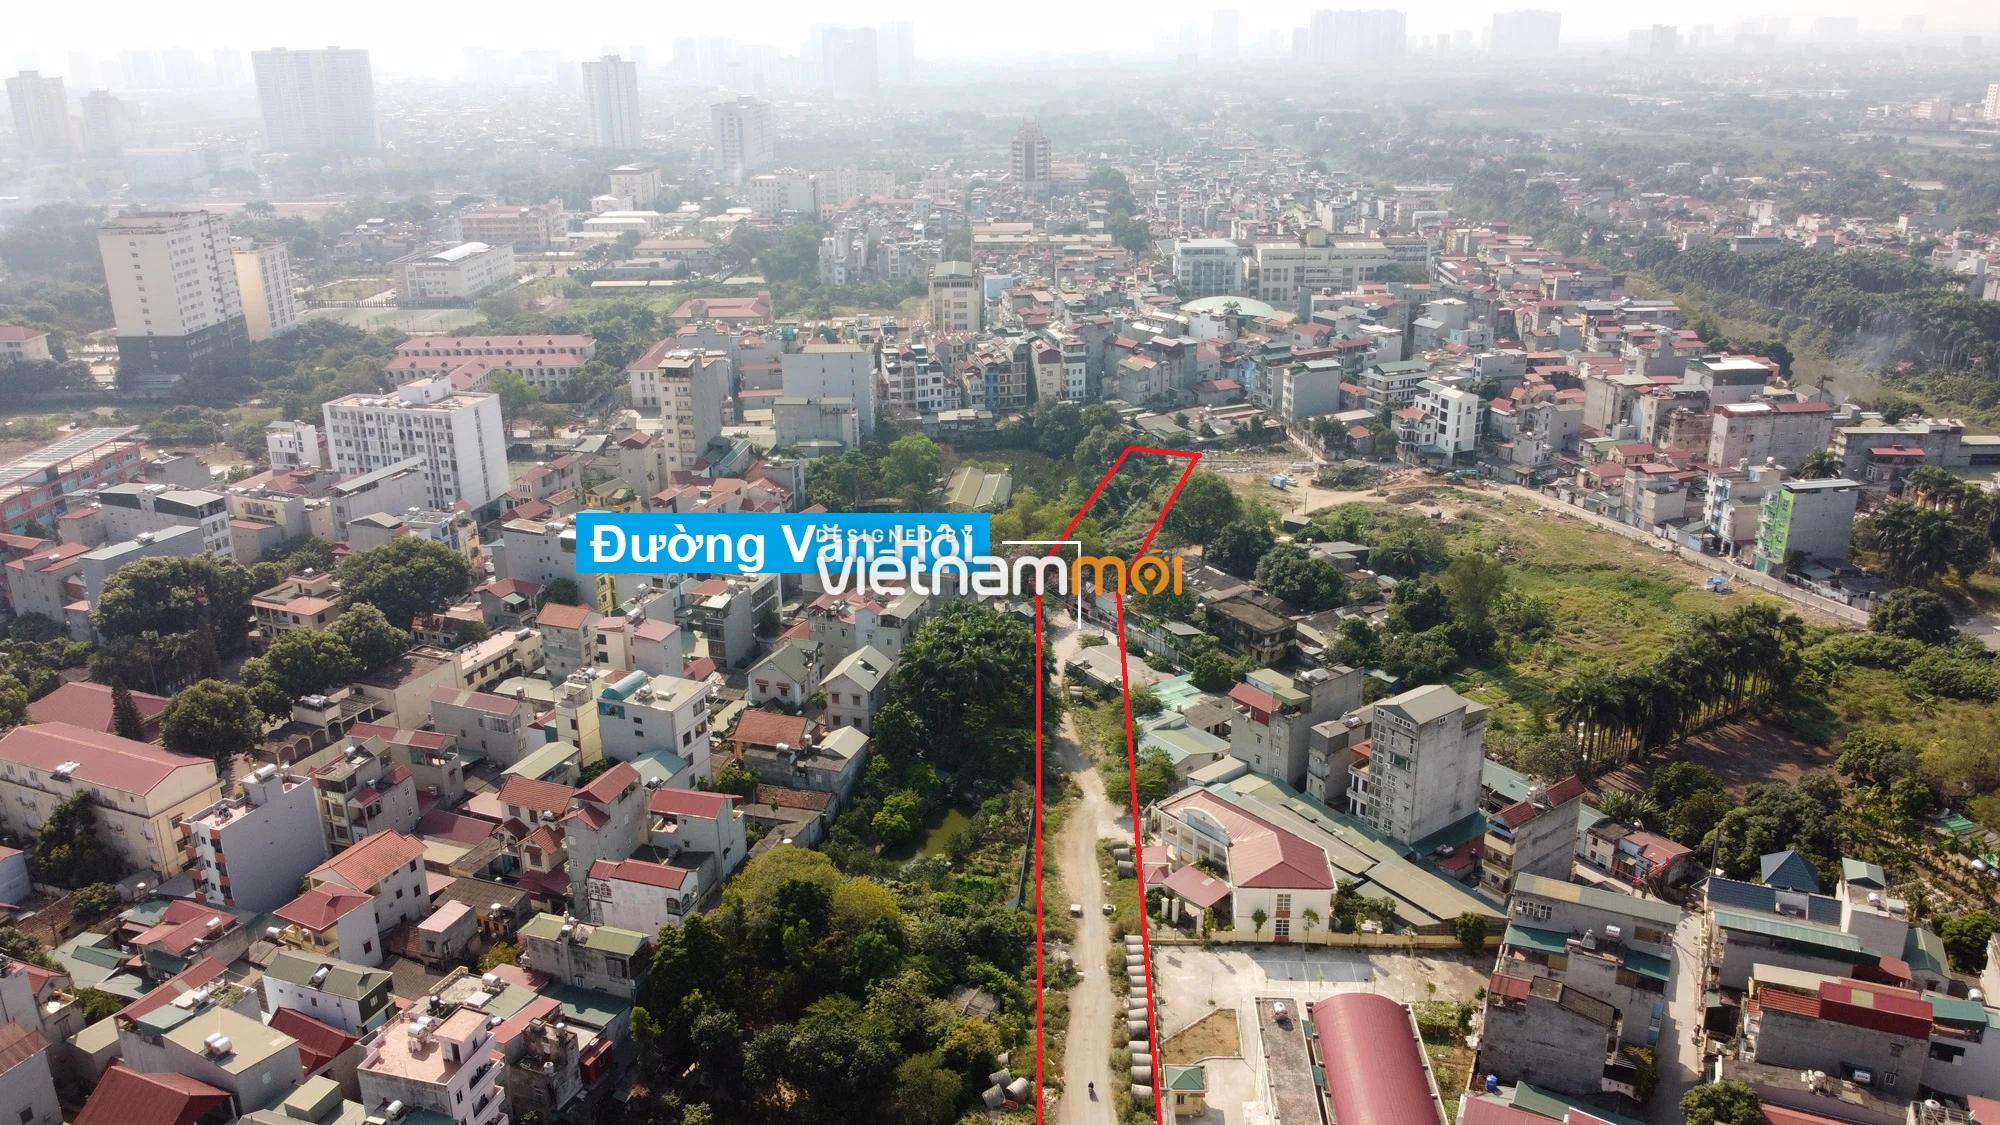 Những khu đất sắp thu hồi để mở đường ở quận Bắc Từ Liêm, Hà Nội (phần 2) - Ảnh 17.